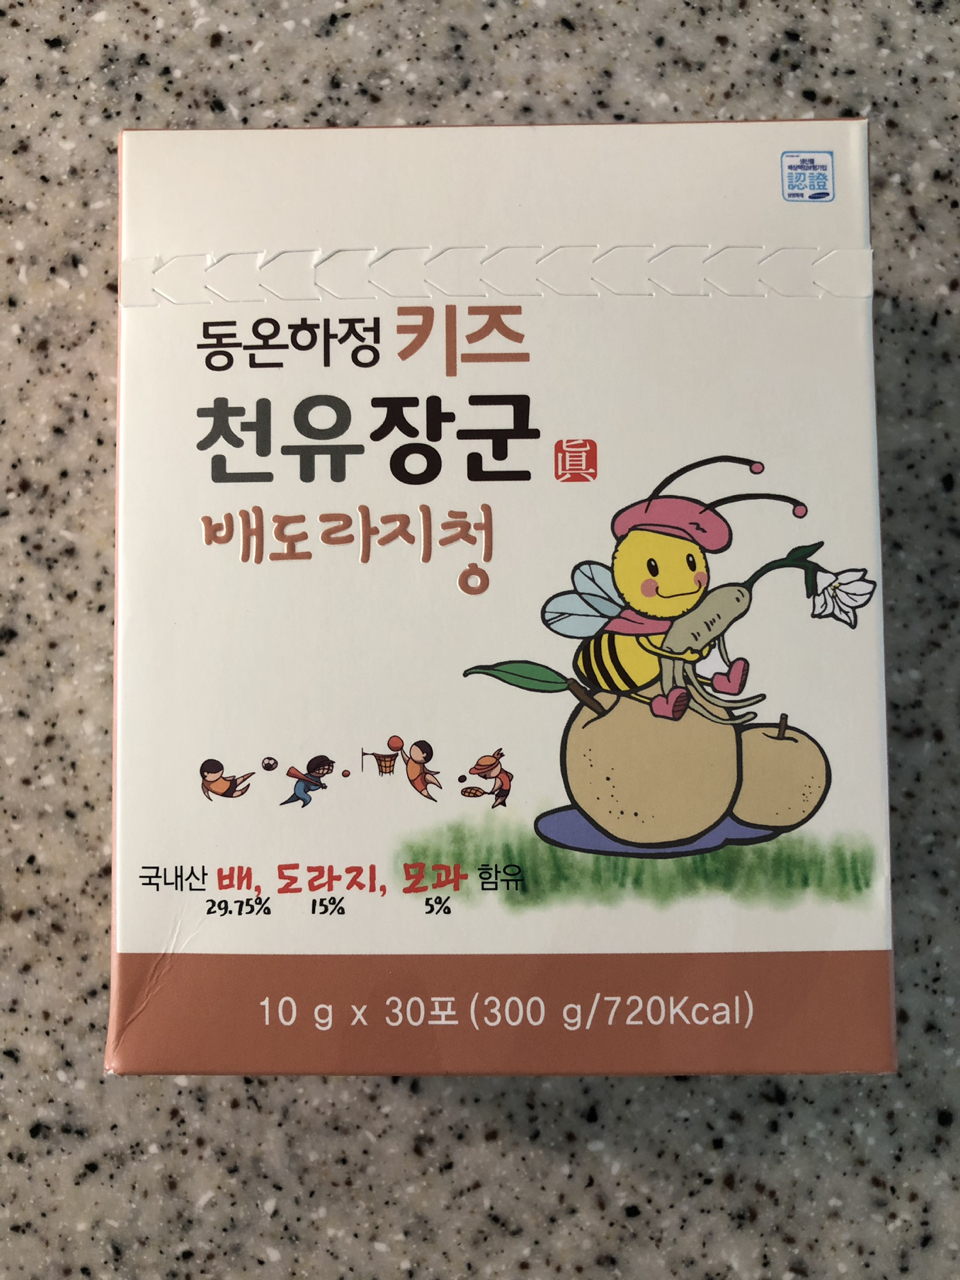 천유장군 키즈 배도라지청(미개봉새상품, 30포1box)